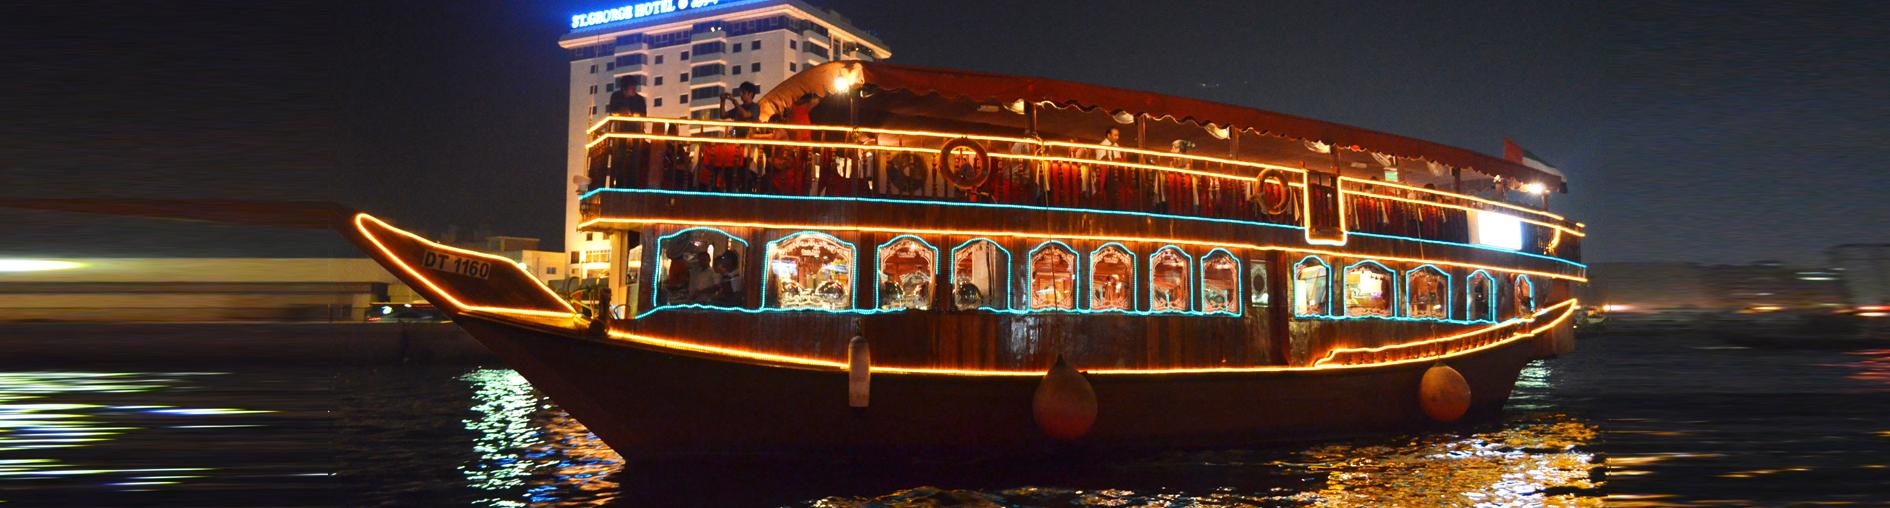 http://www.cruiseindubai.com/wp-content/uploads/2013/12/7.jpg